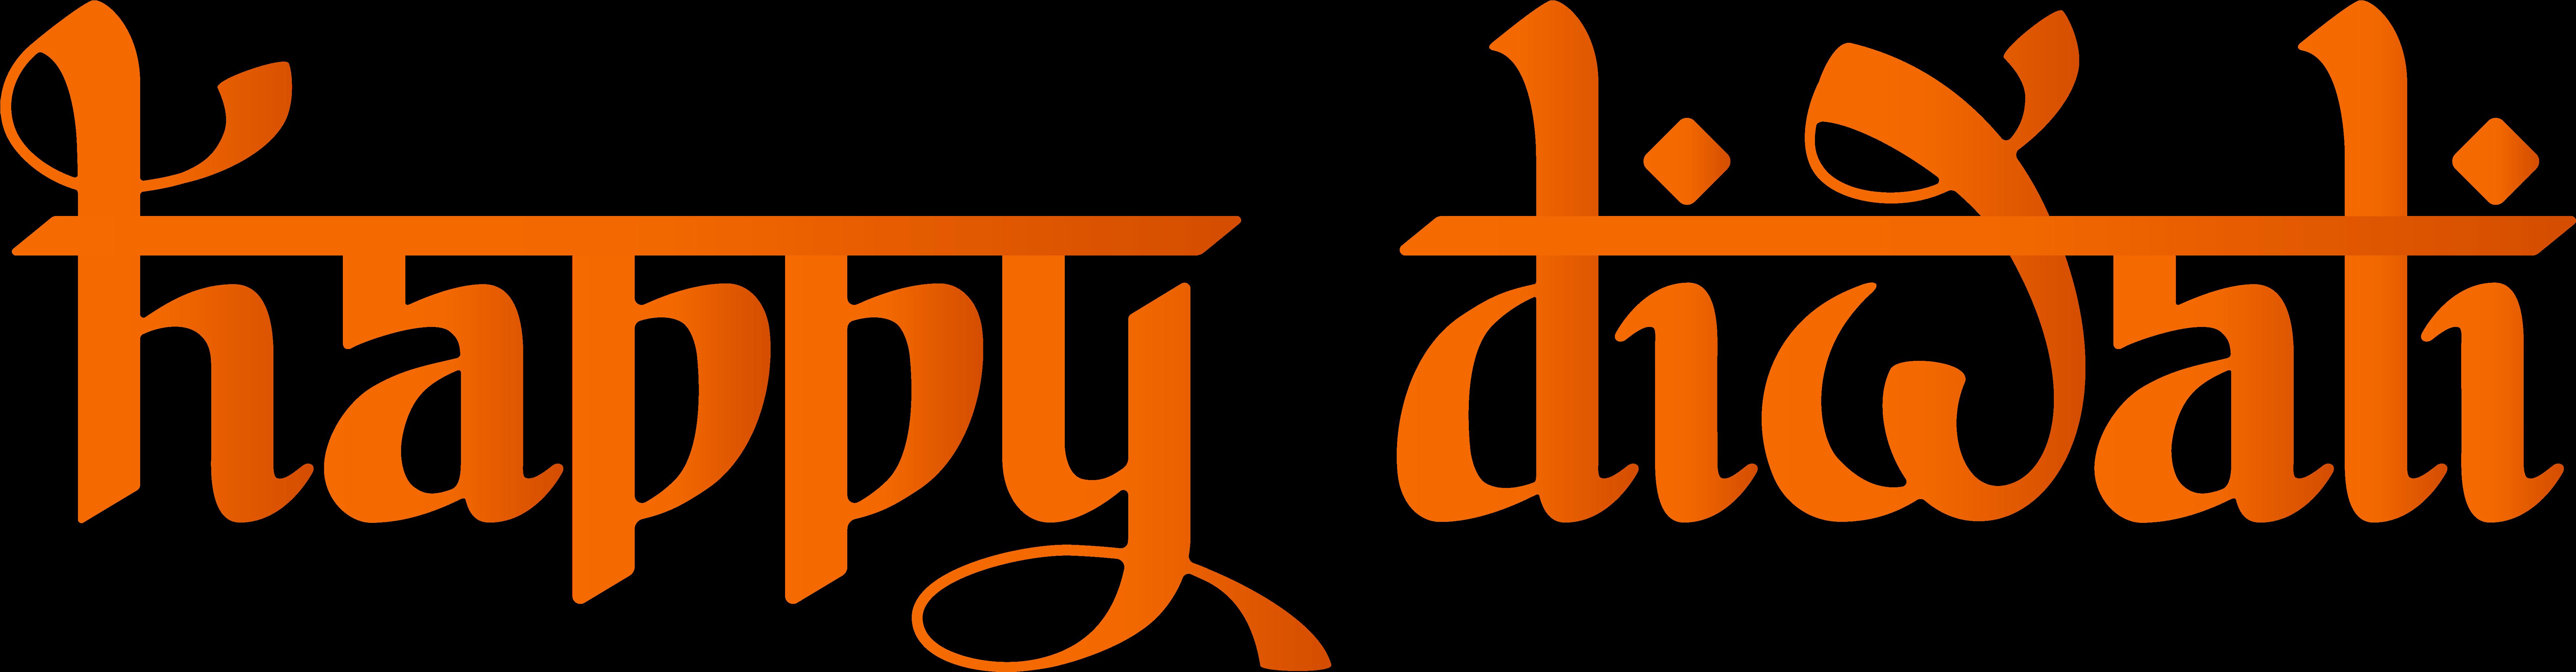 Happy Diwali Png Transparent Clip Art Image - Happy Diwali Text Png (8000x2201)